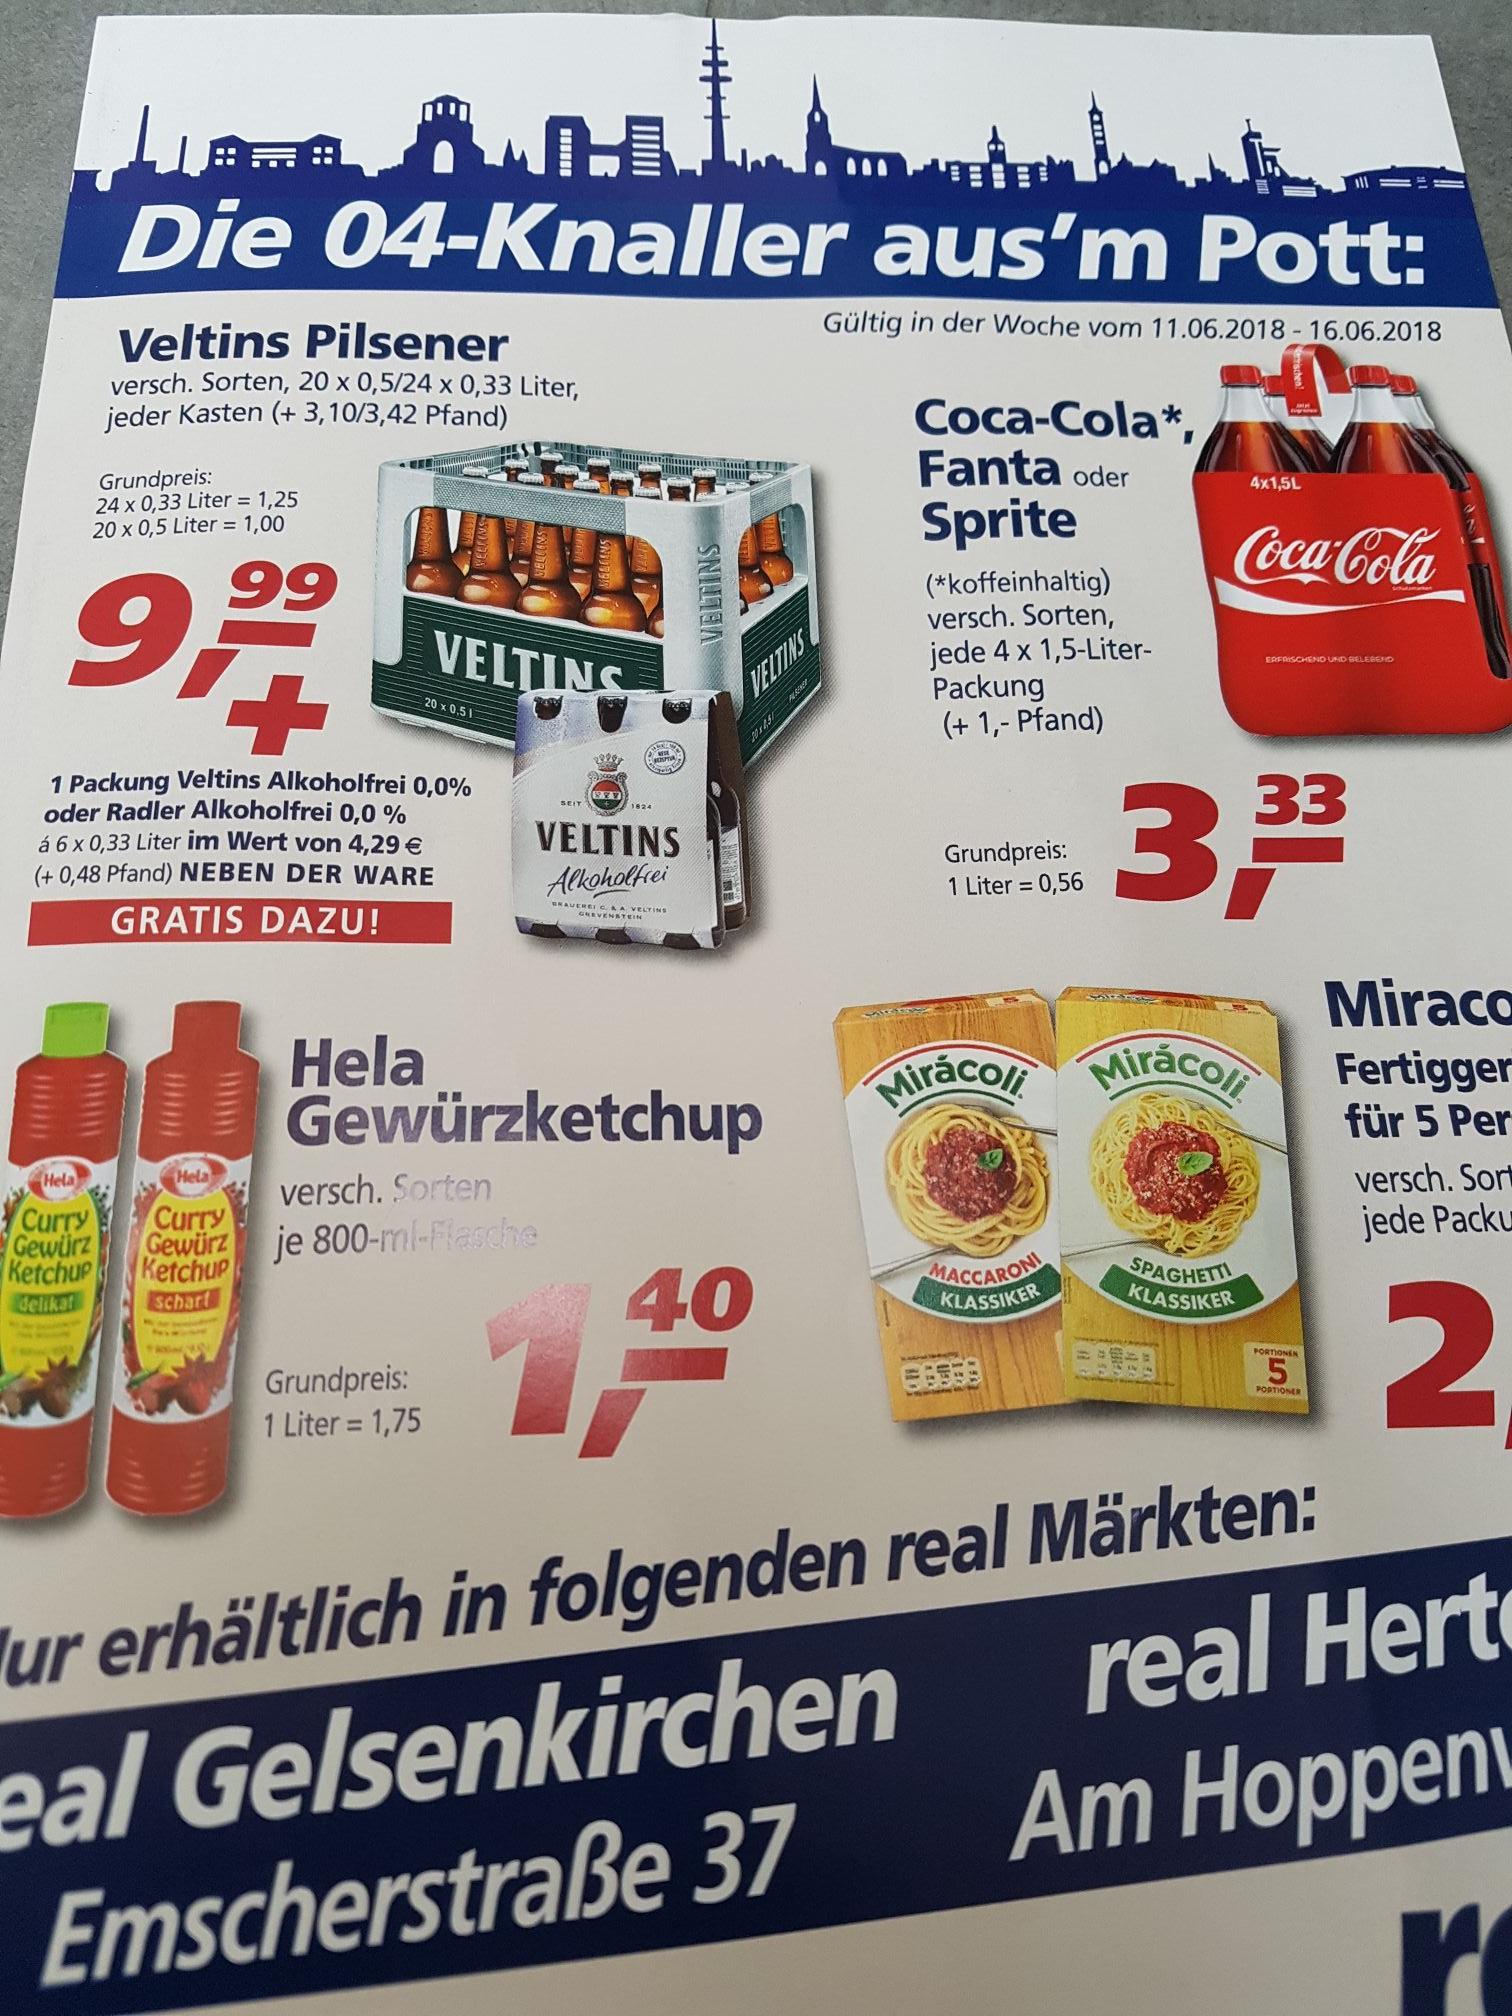 Veltins 20×0,5 oder 24x0,33 inkl Sixpack veltins alkoholfrei / Radler bei Real in Herten und Gelsenkirchen